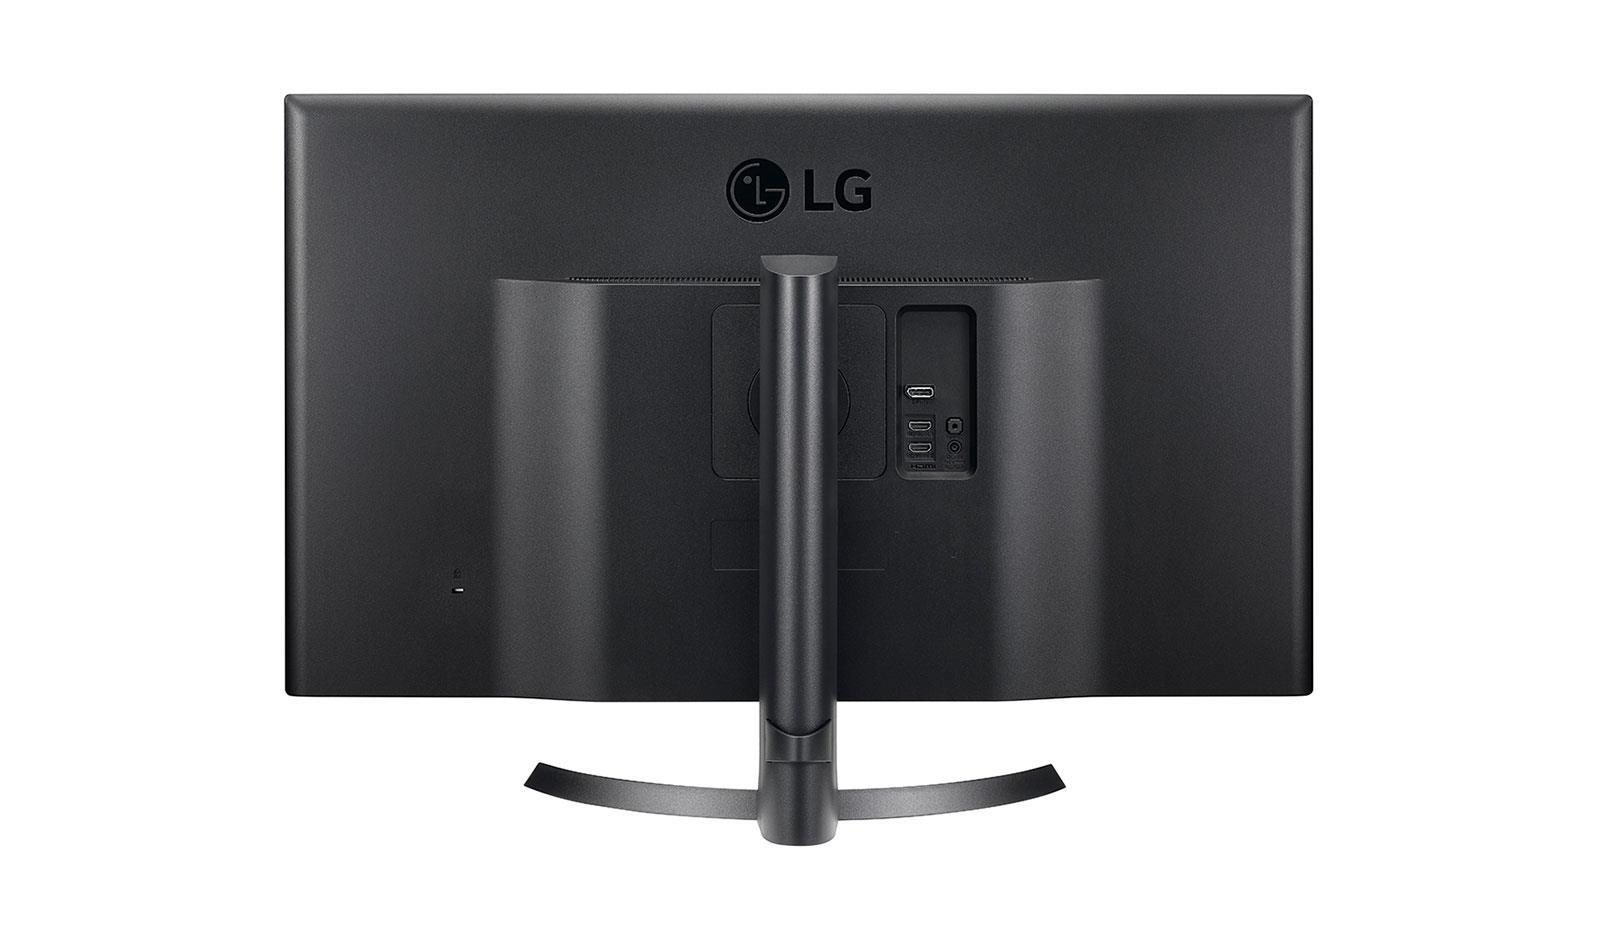 lg 32ud59 32 39 16 9 ips 4k monitor end 6 26 2018 9 15 am. Black Bedroom Furniture Sets. Home Design Ideas